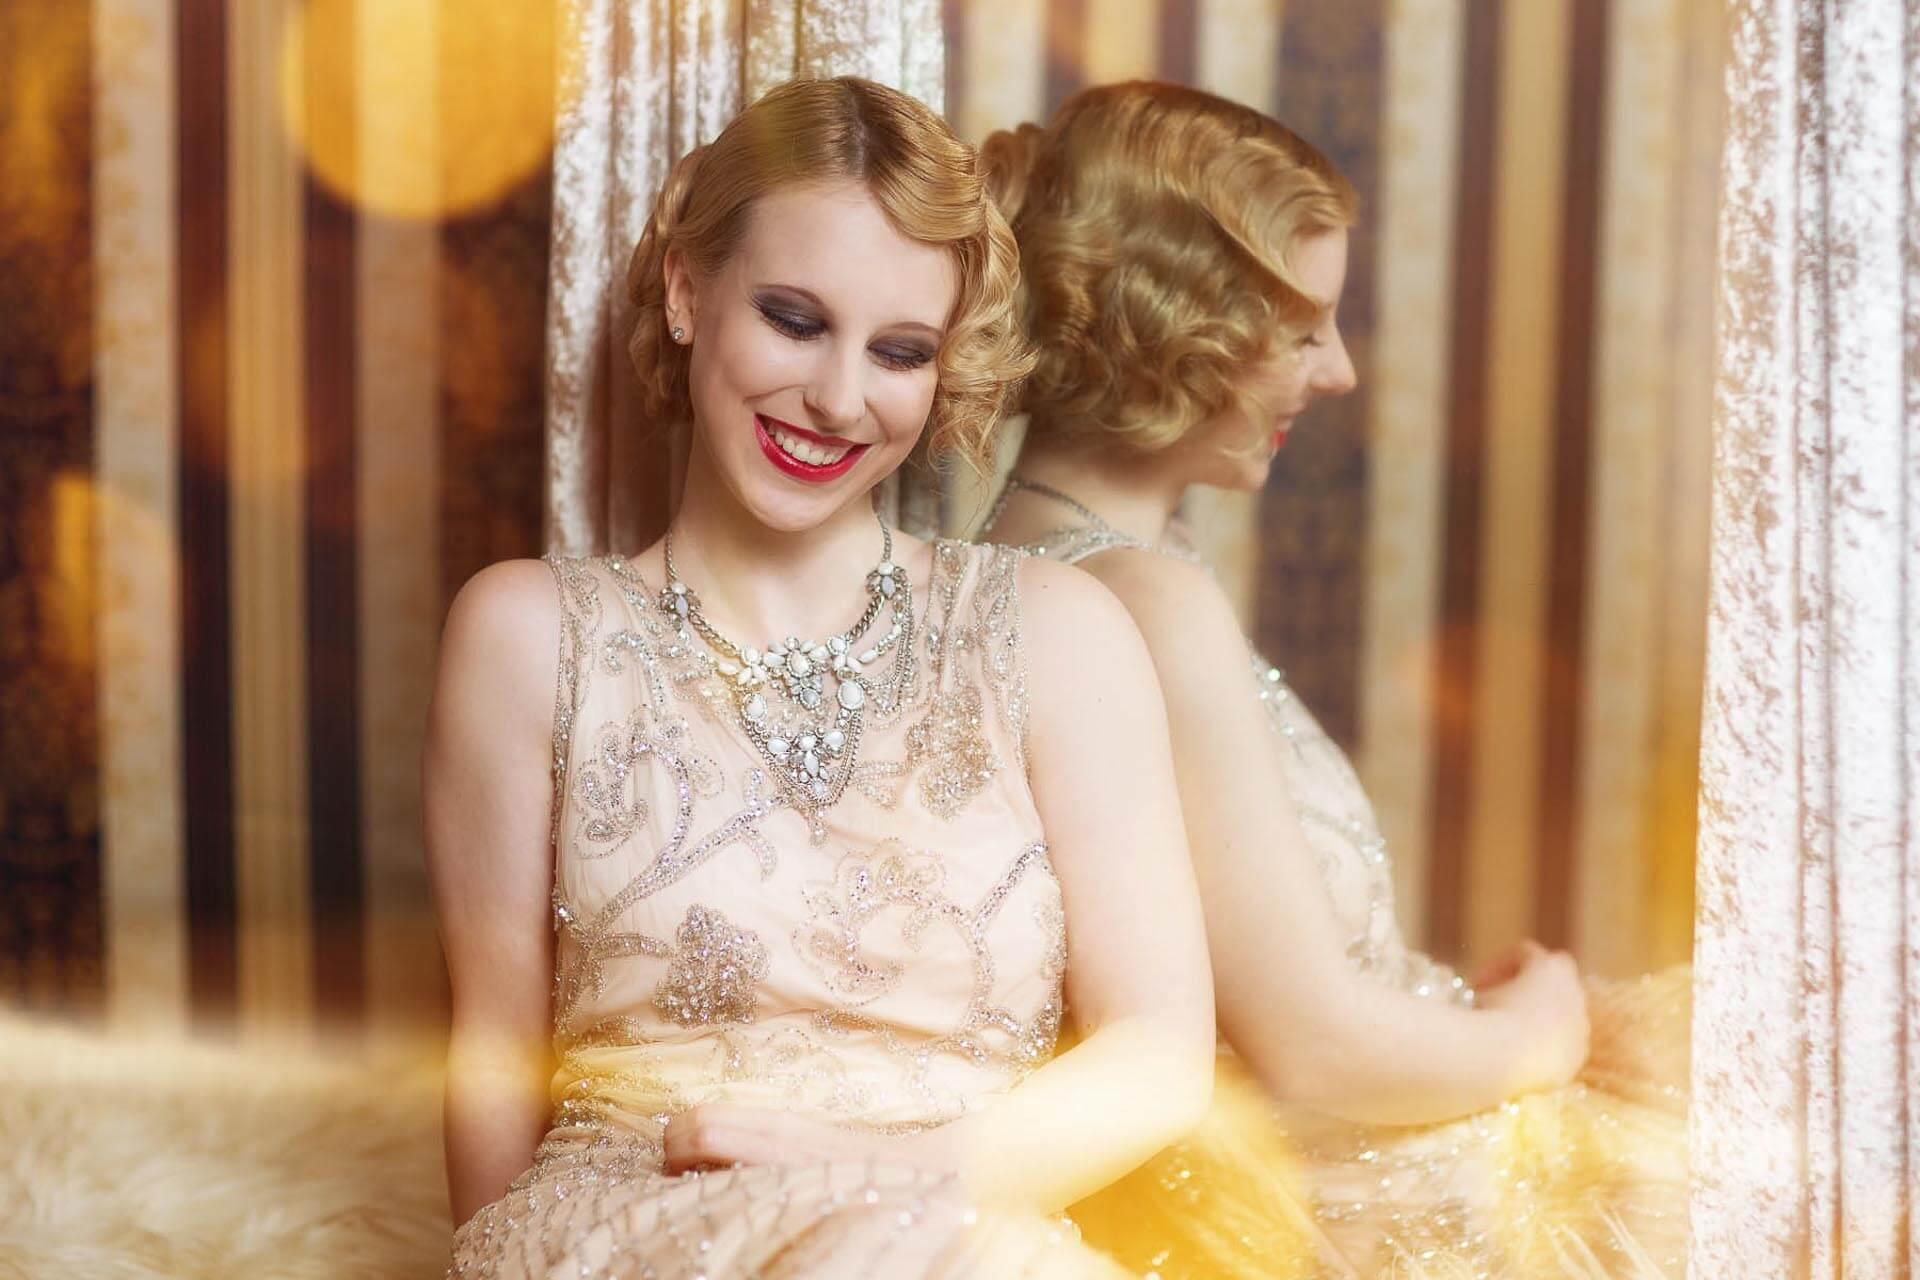 Halbportrait-Fotostudio-Dresden-Fotograf-20iger Jahre-Shooting-Dress